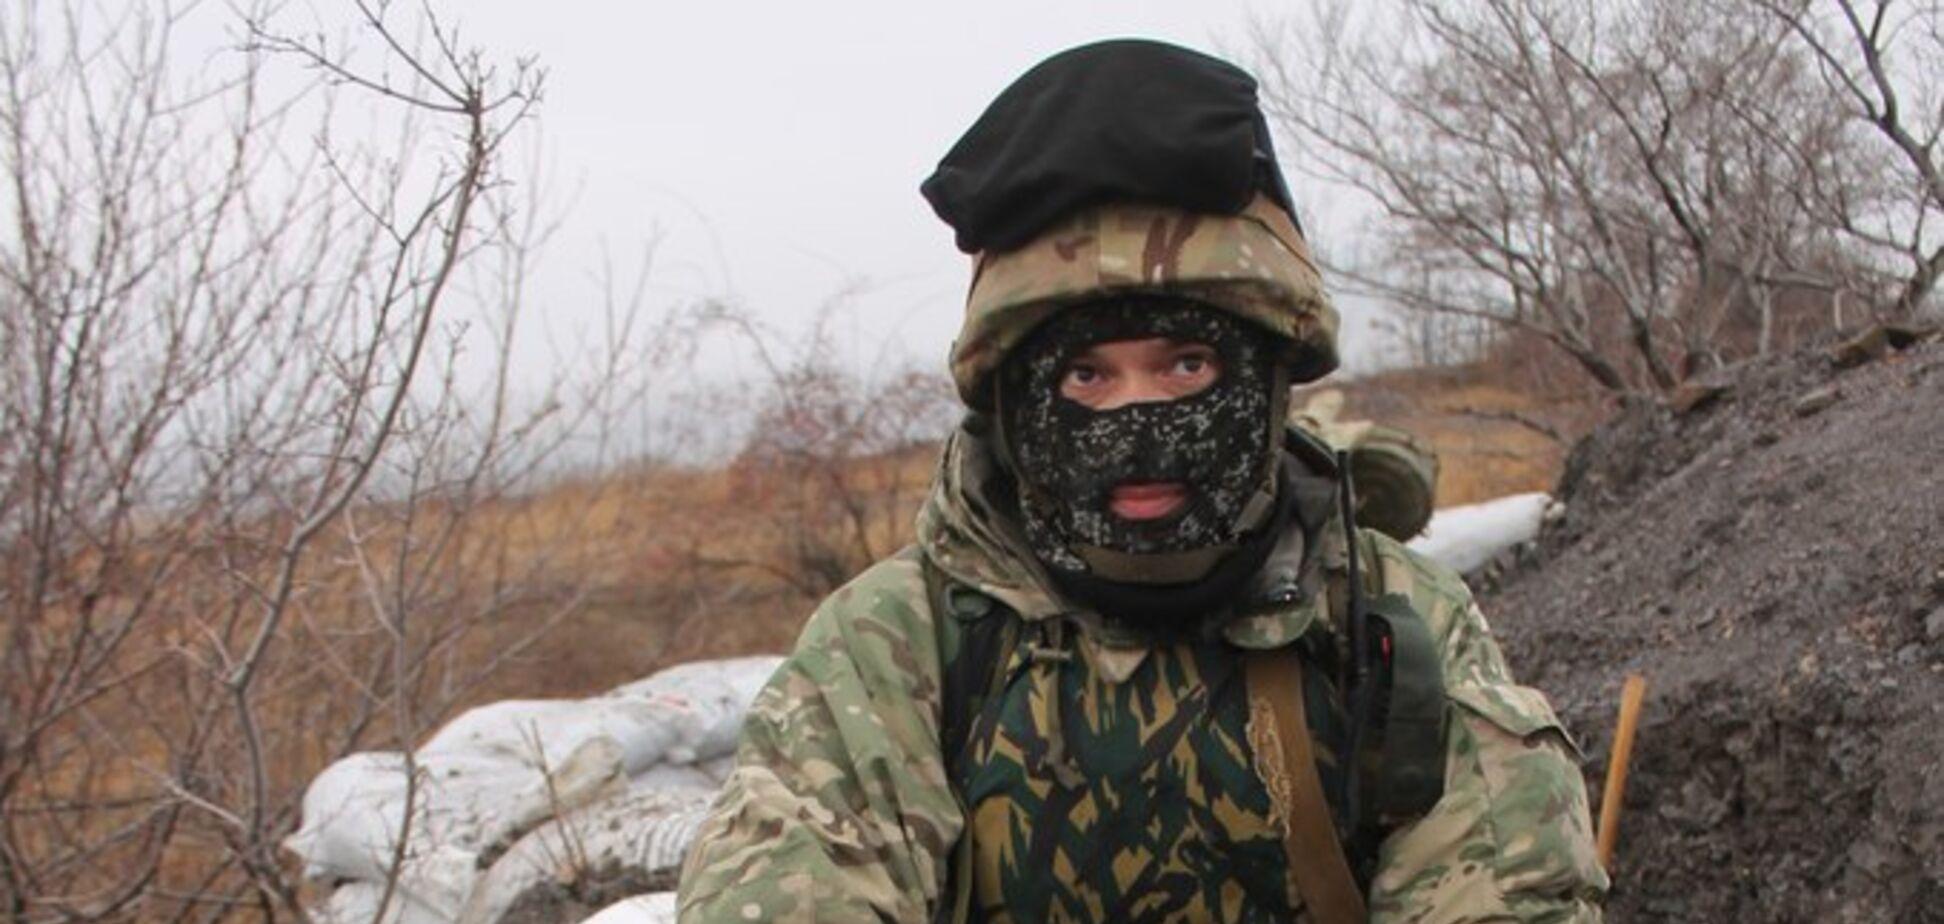 ''Из укропитеков выложат тризуб на асфальте'': ''Ольхон'' открыто признался в подготовке теракта против гражданских